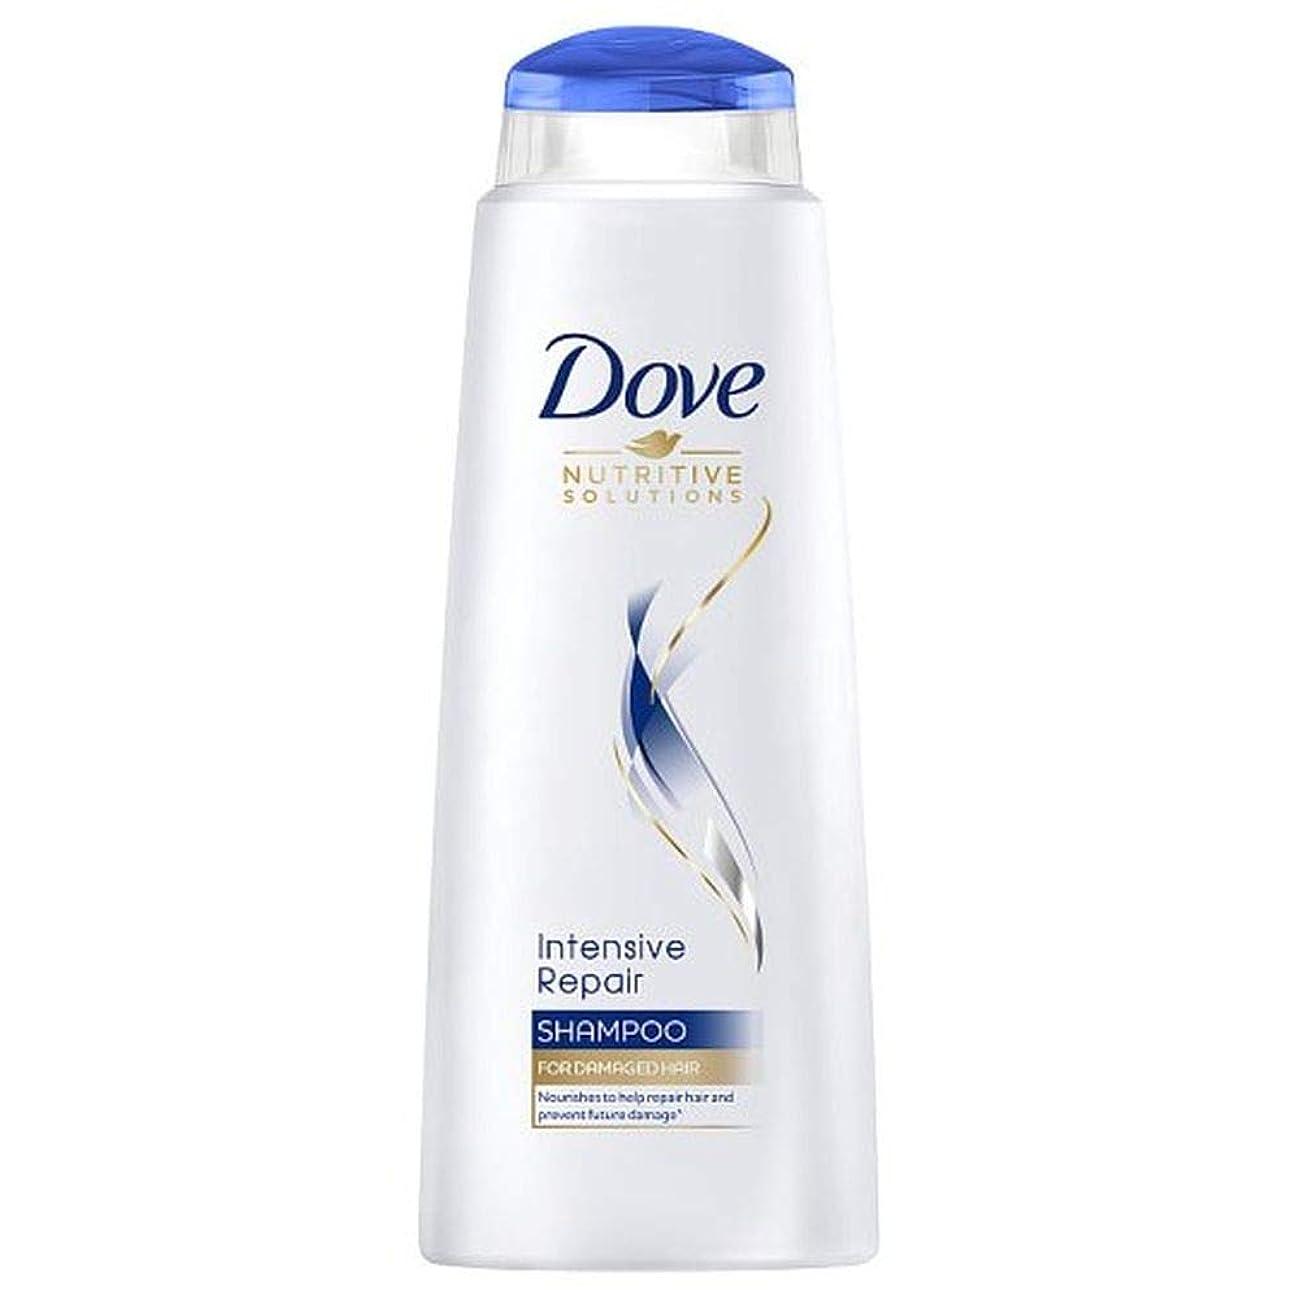 気付く賢明なインタビュー[Dove ] 鳩の集中リペアシャンプー400ミリリットル - Dove Intensive Repair Shampoo 400Ml [並行輸入品]